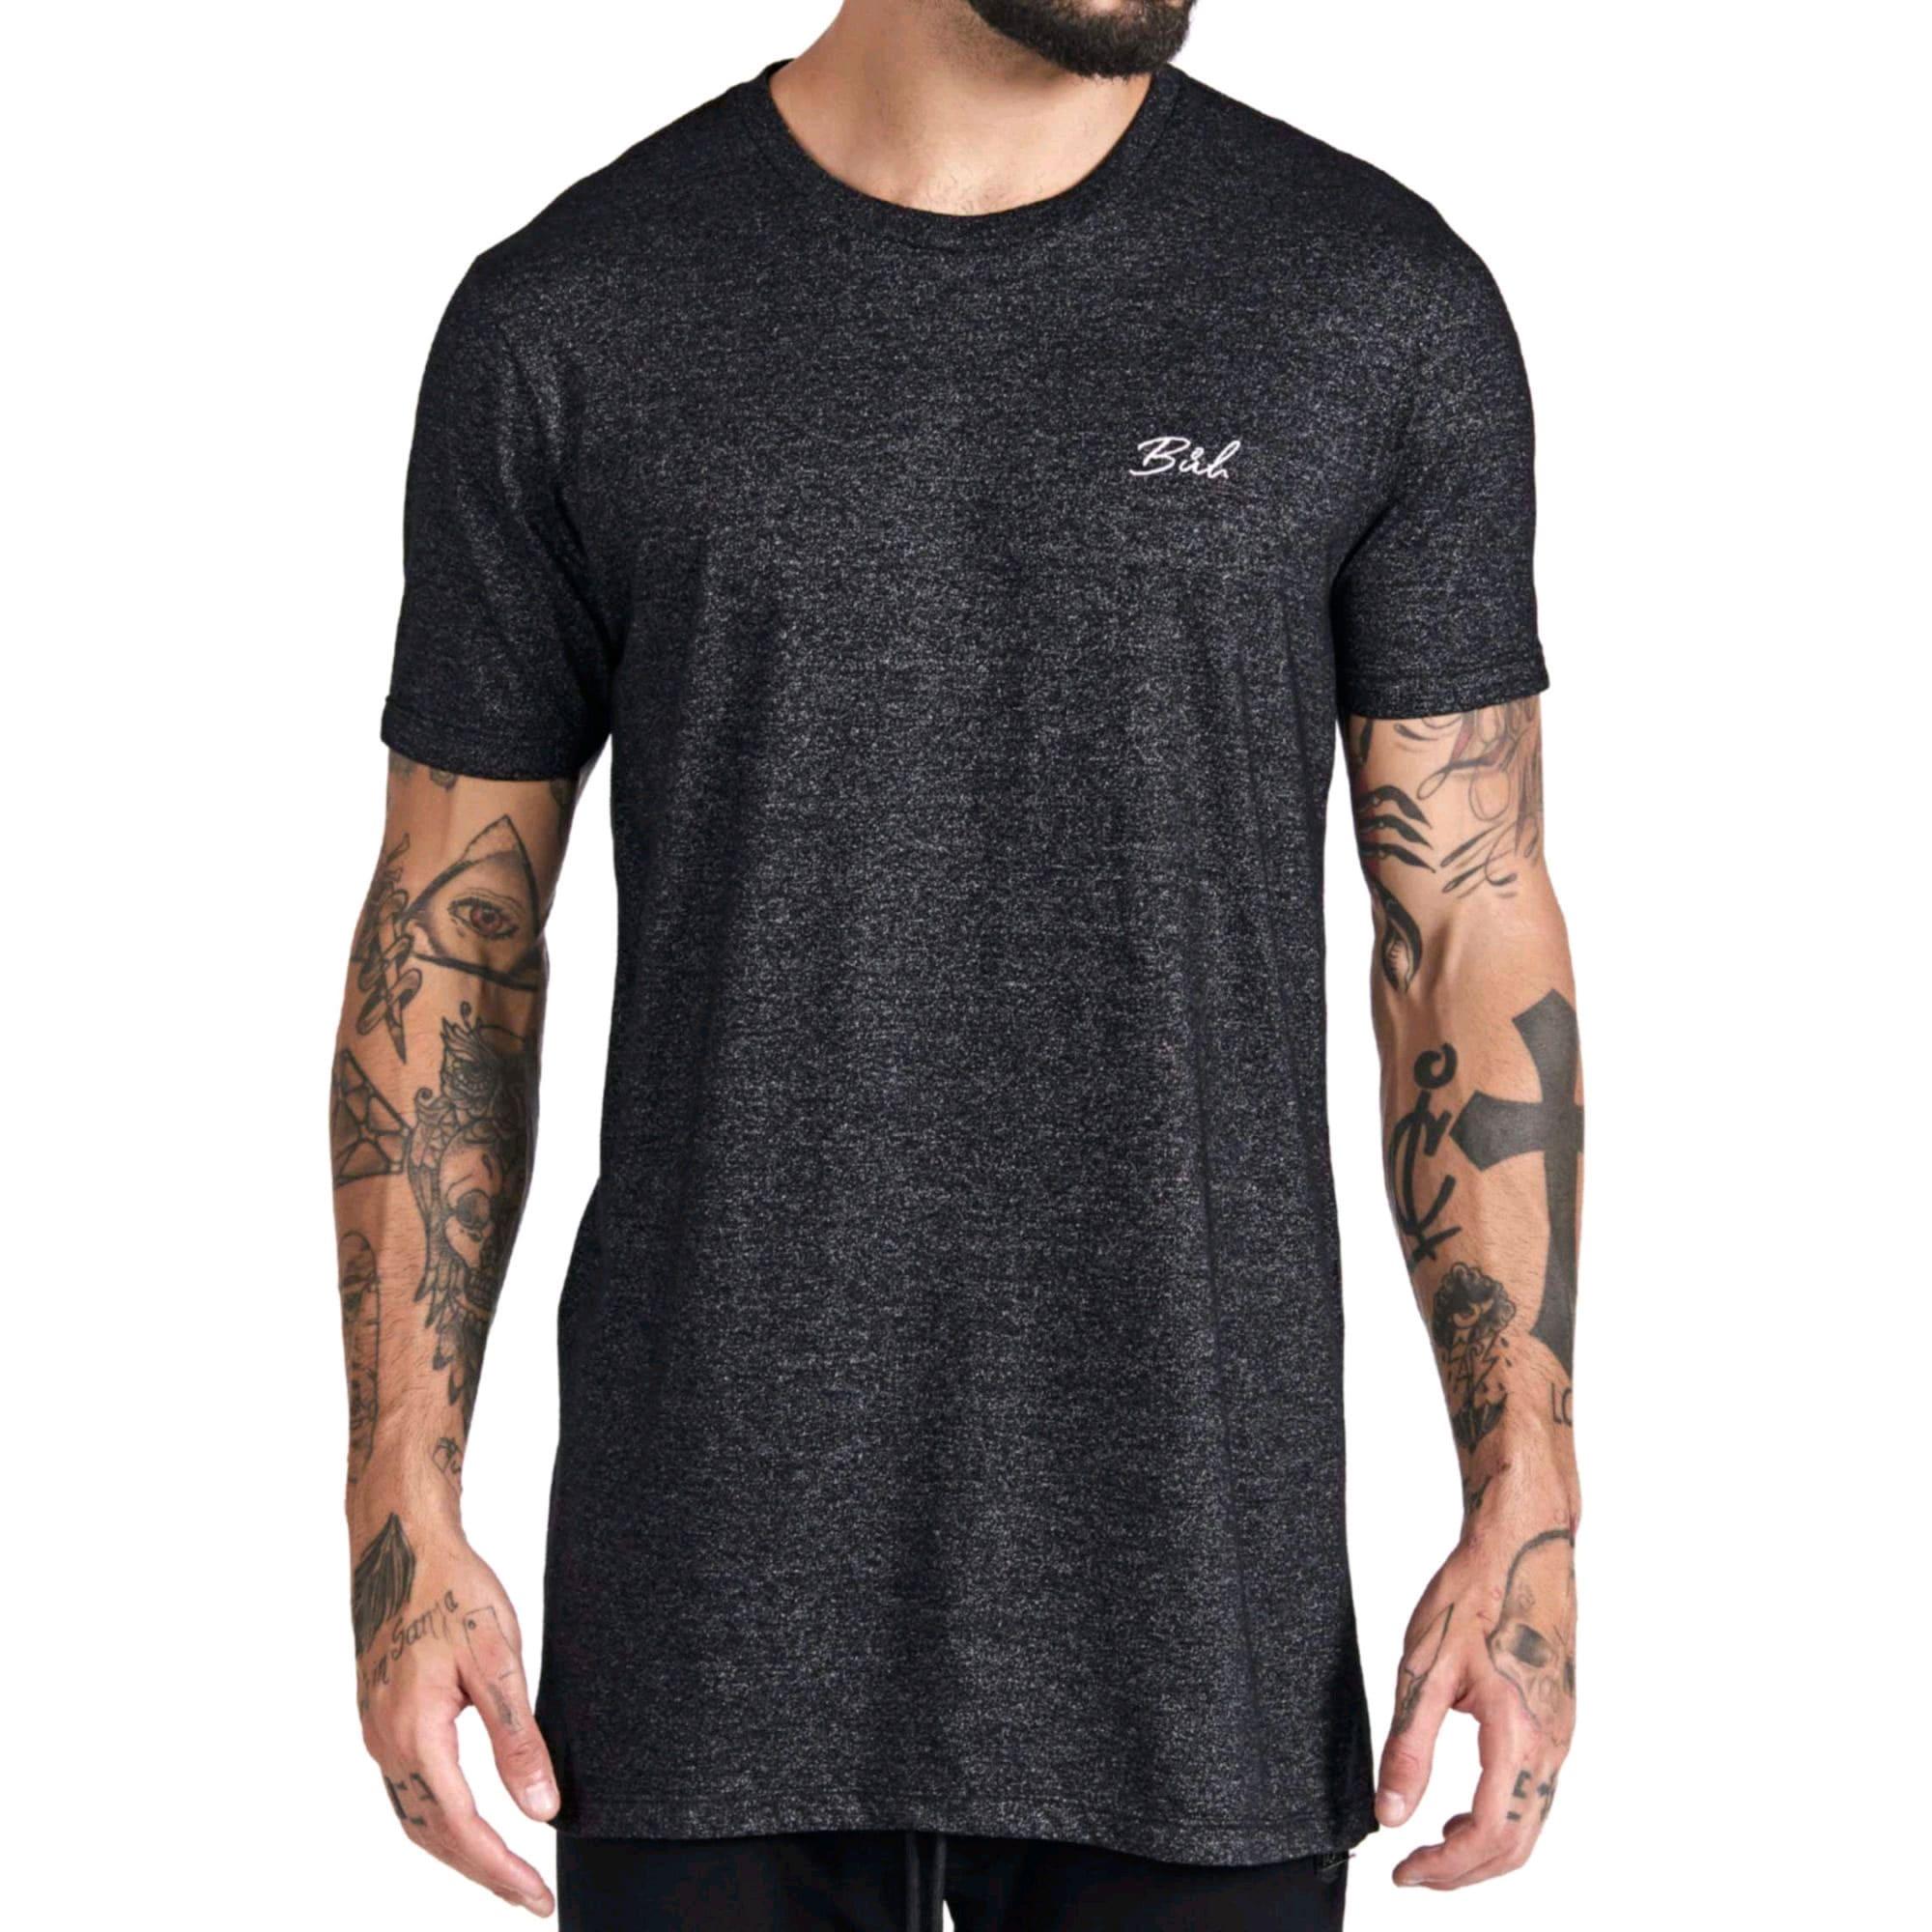 Camiseta Buh Básica Bordado Mescla